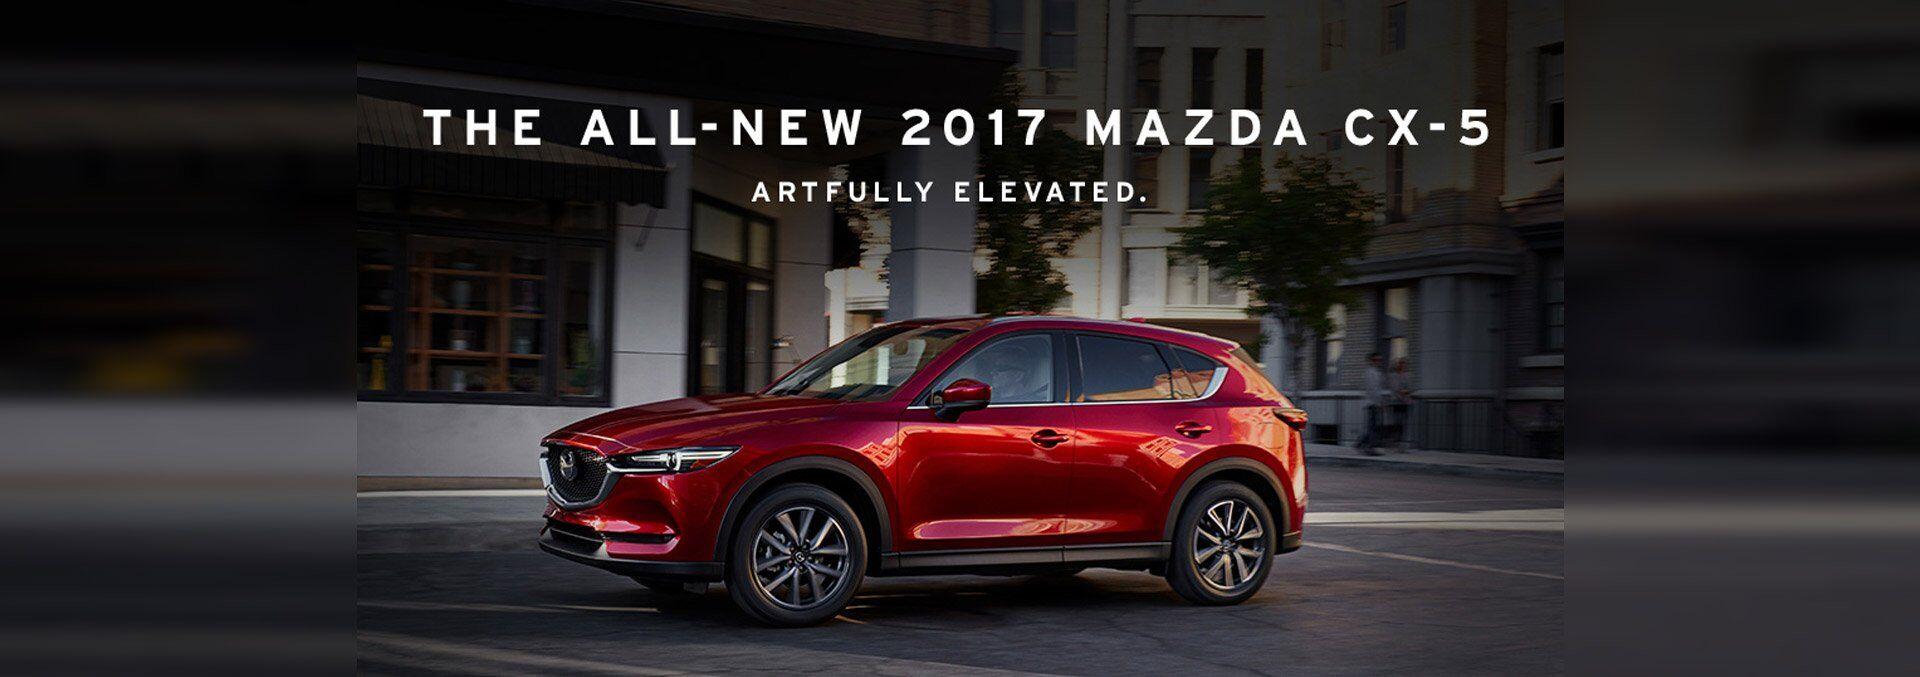 Mazda Dealership Odessa TX Used Cars Sky Mazda - Mazda dealers texas